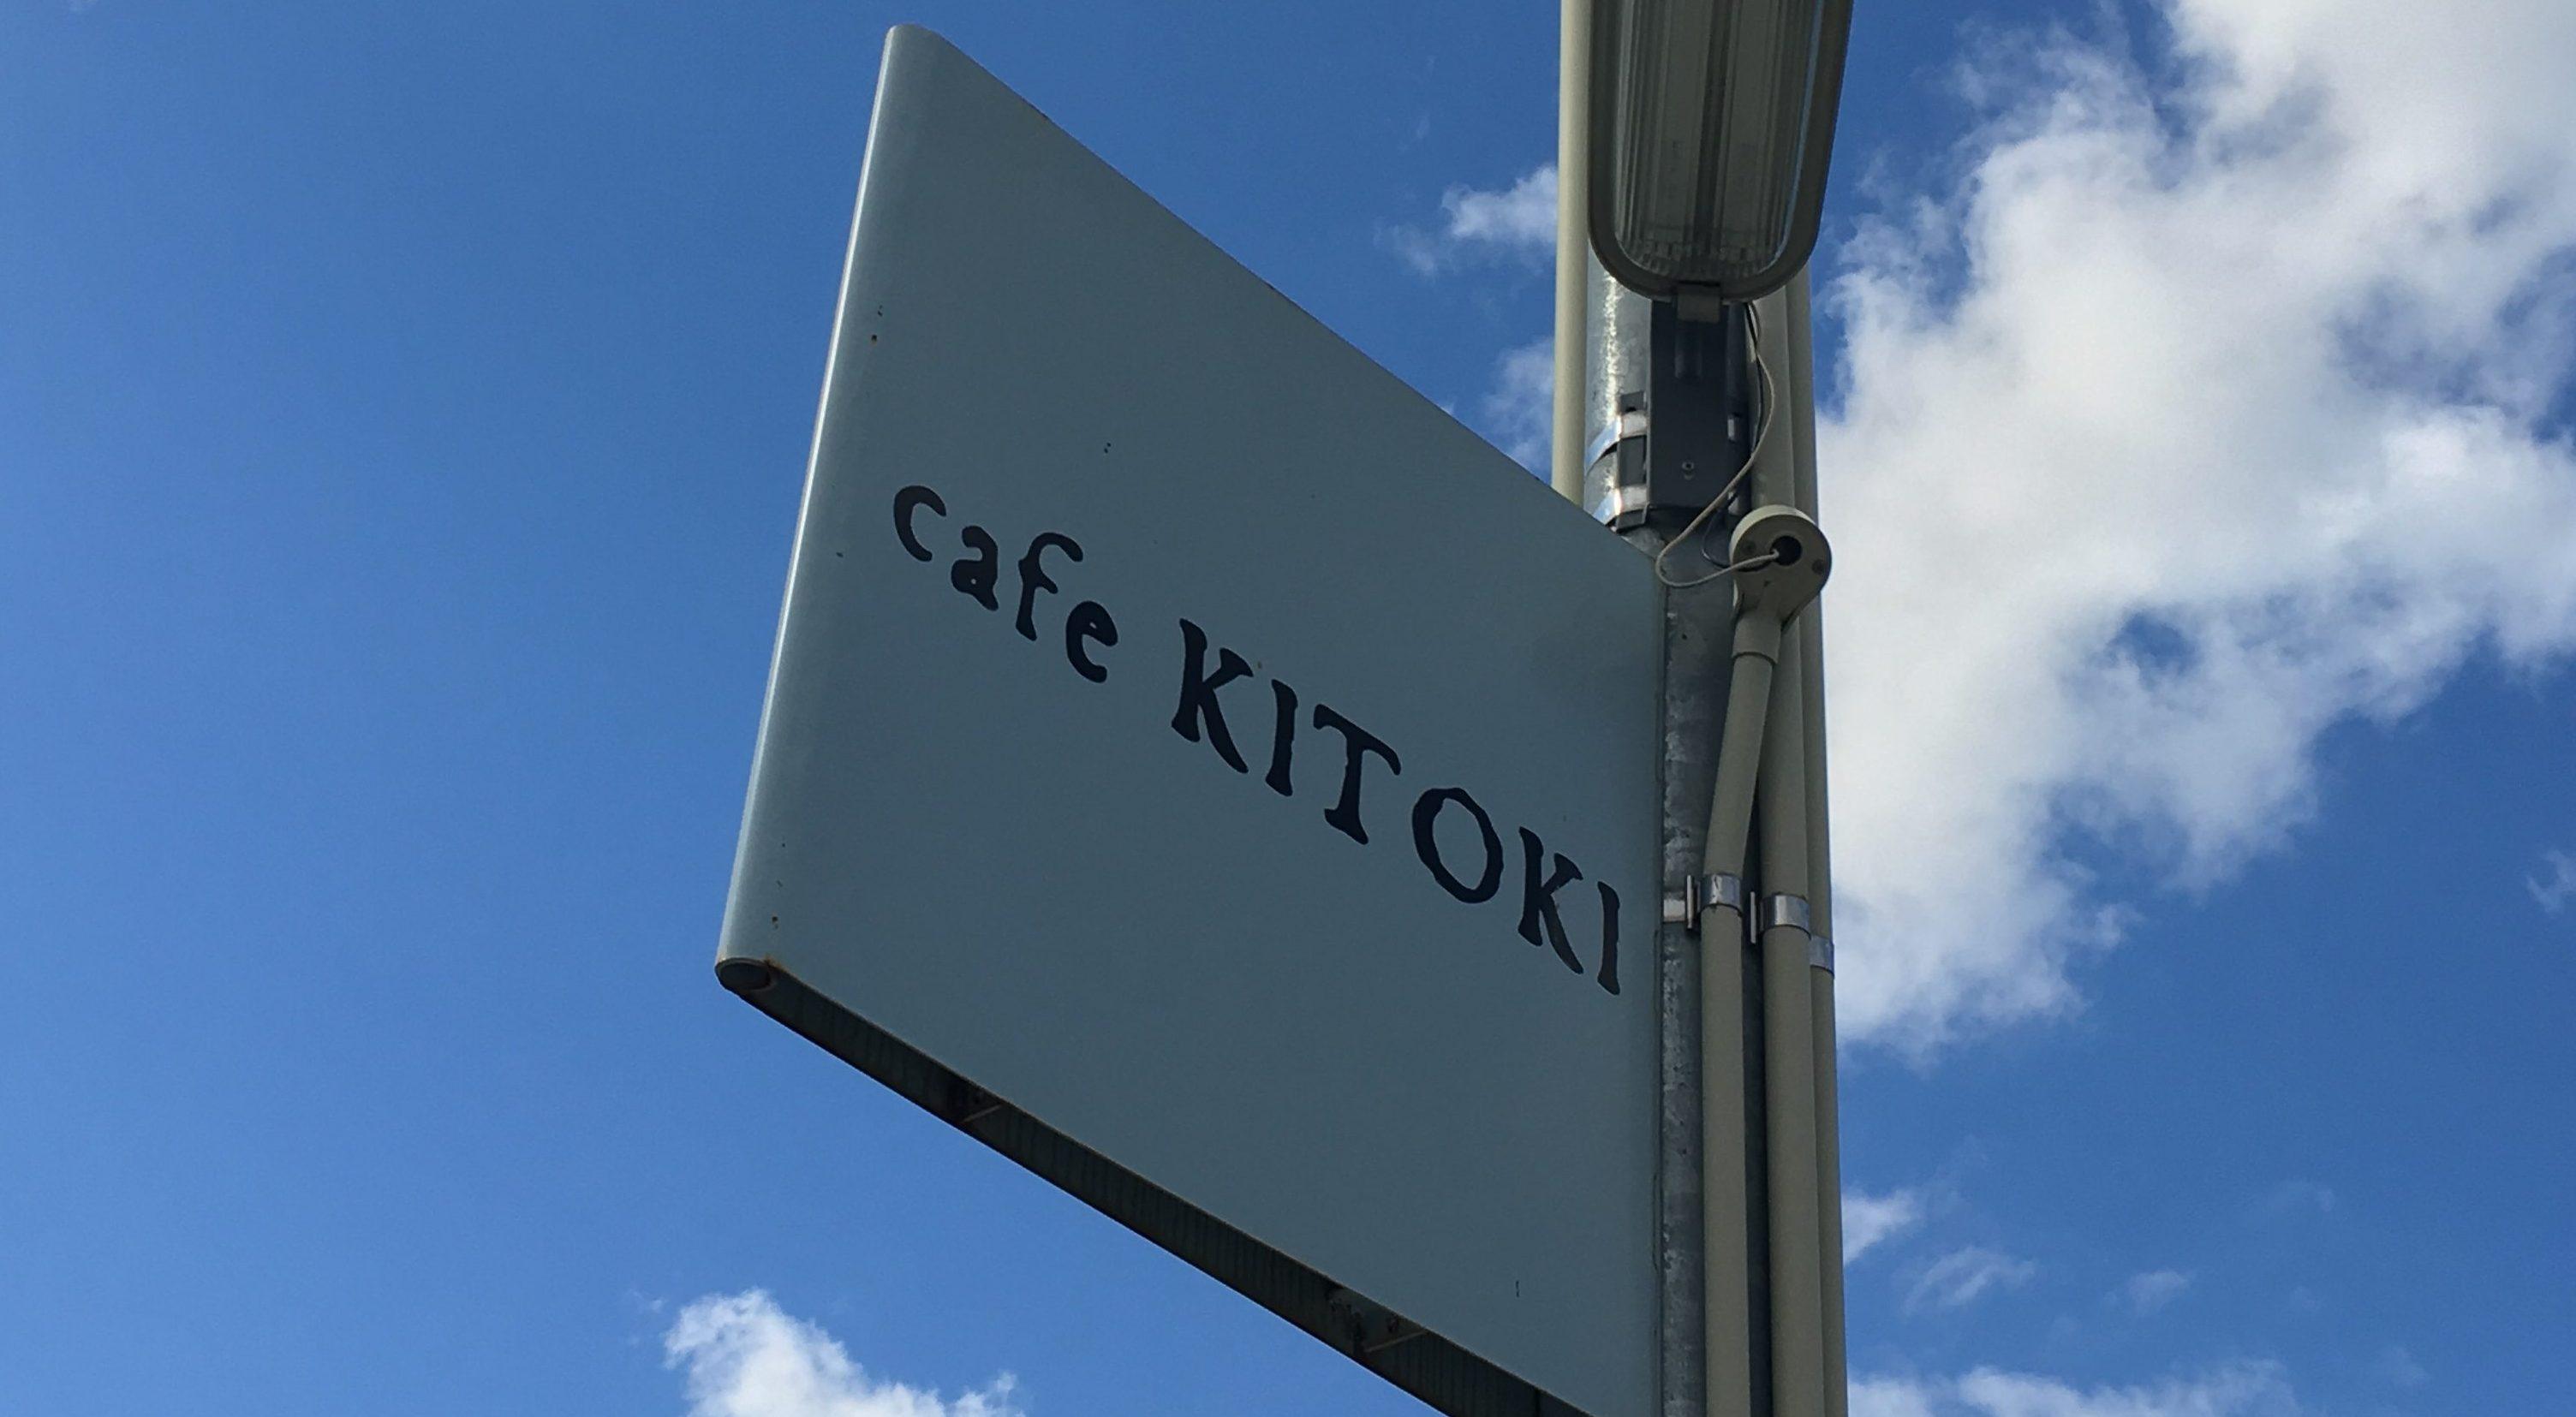 cafeKITOKI看板